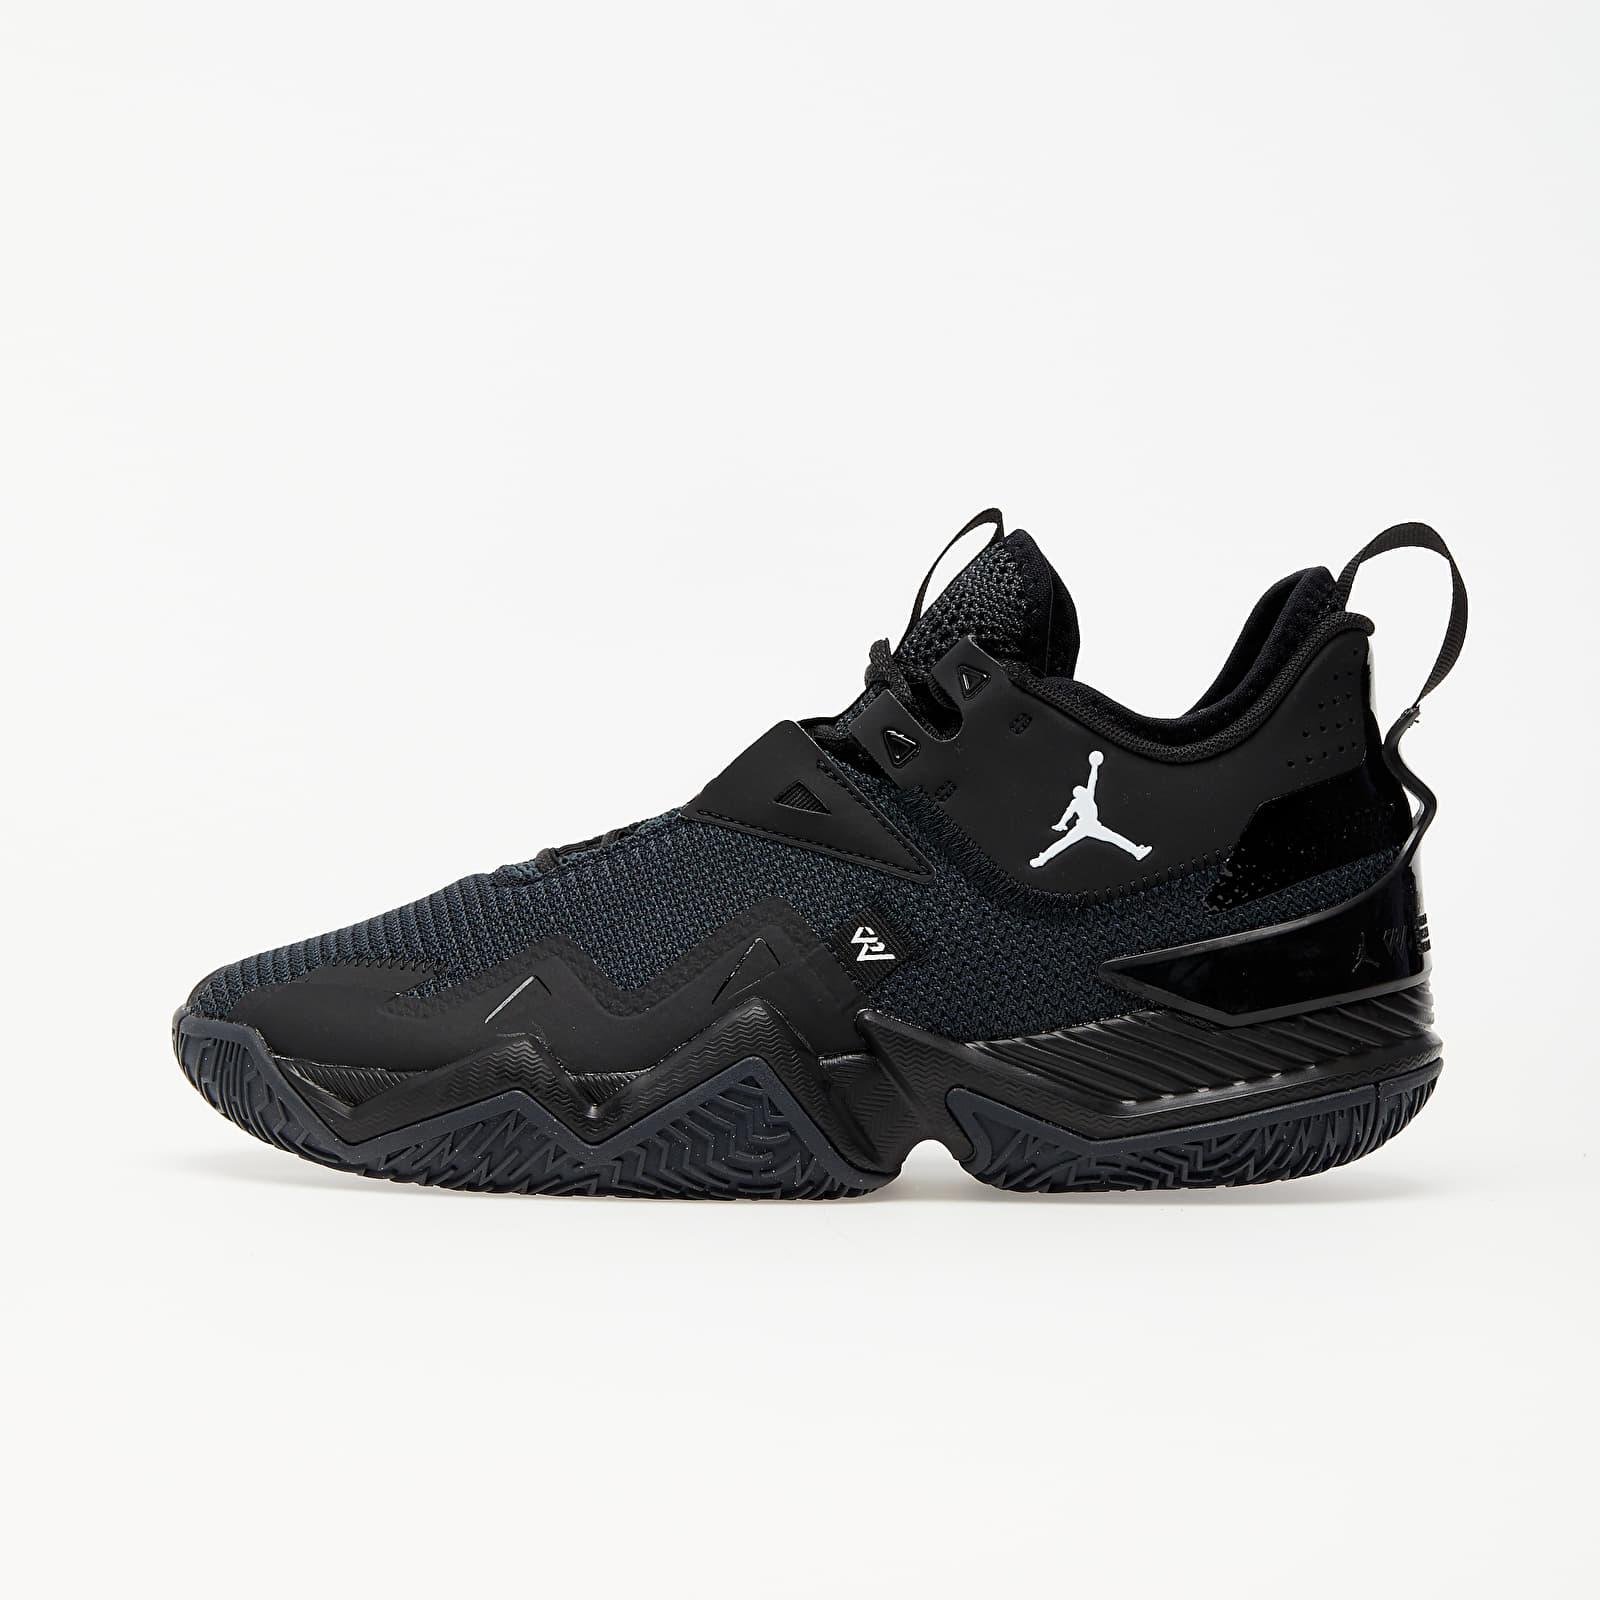 Men's shoes Jordan Westbrook One Take Black/ White-Anthracite